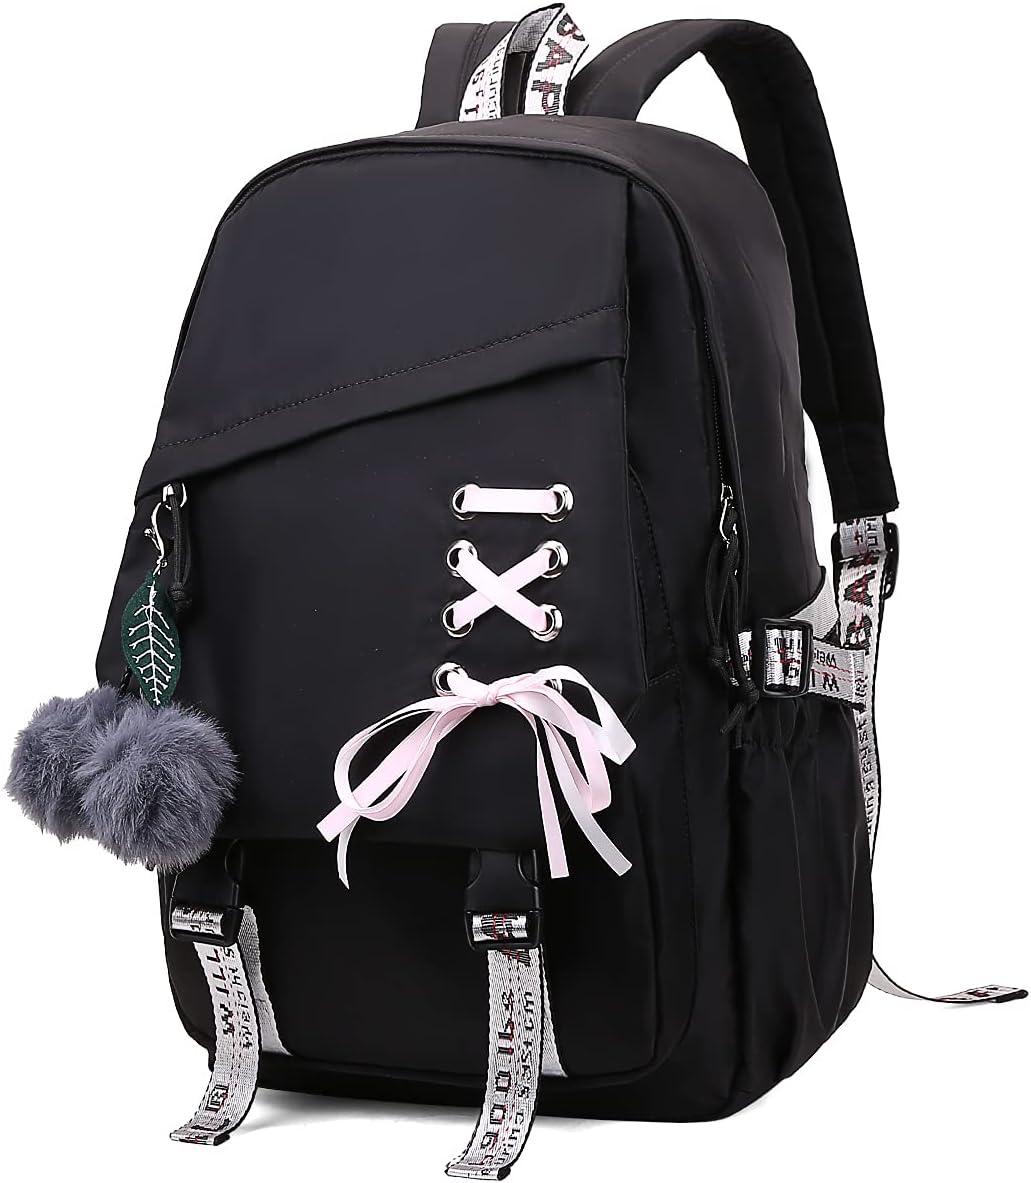 Long-awaited FENGDONG Kids Girls Bookbag school Backpack Daypack Special price for Children